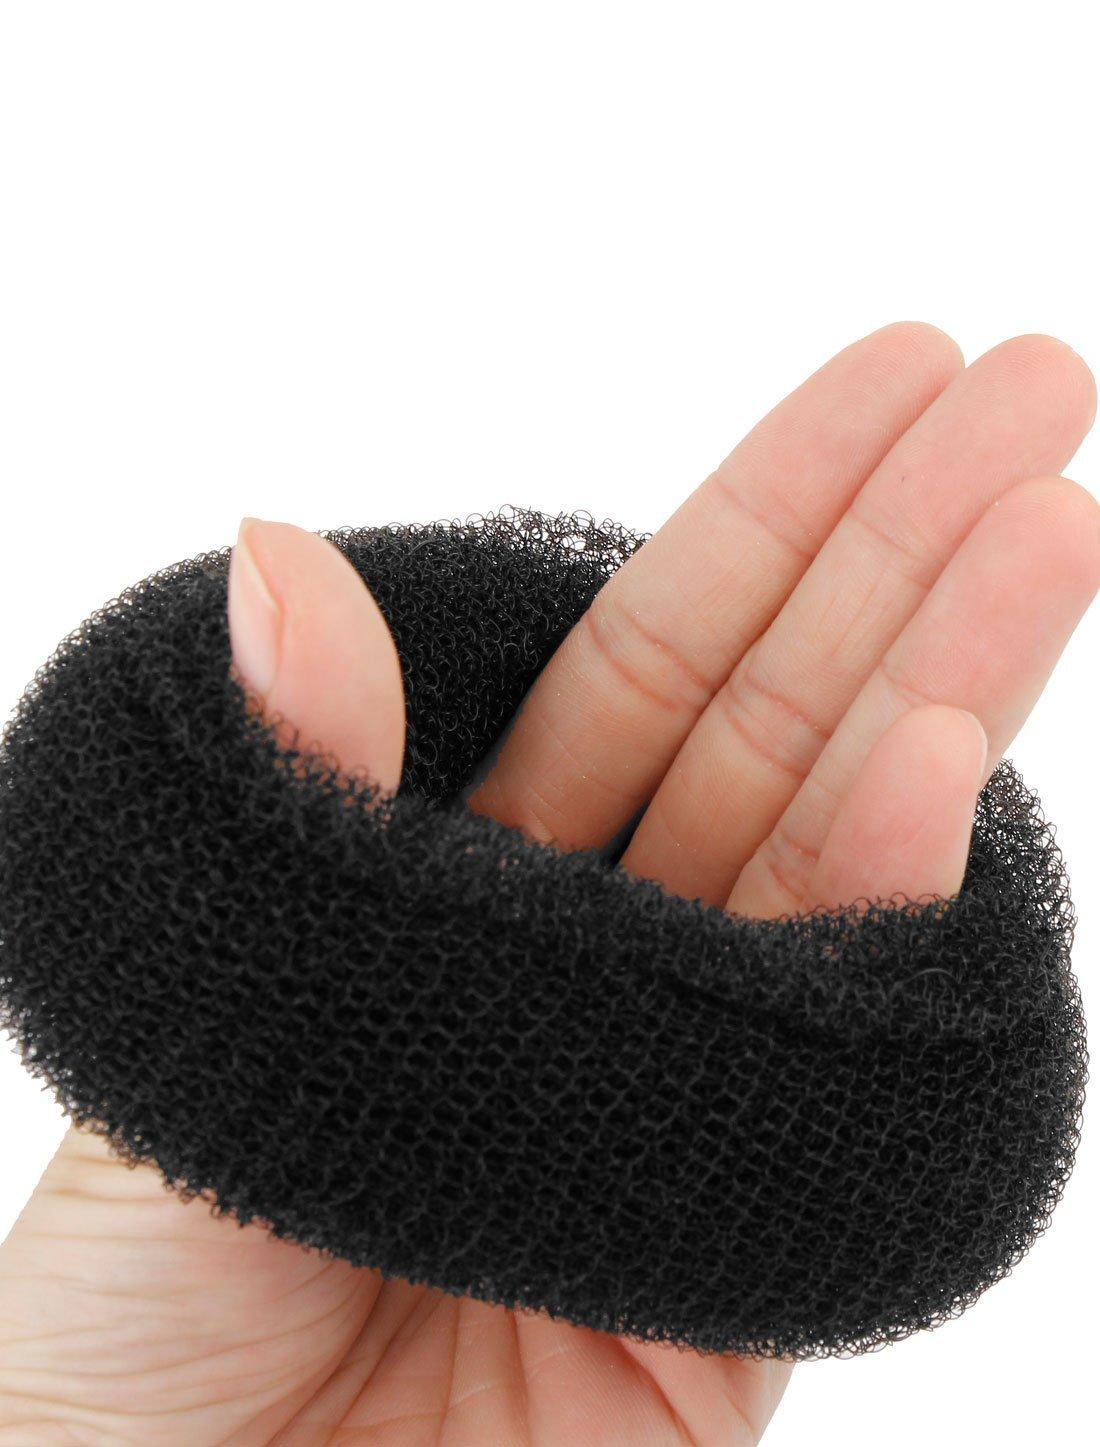 Amazon.com: eDealMax red de Nylon mWomen agic anillo del Bollo del buñuelo de dispositivos Secador de Pelo 3.5 Diámetro Negro: Health & Personal Care